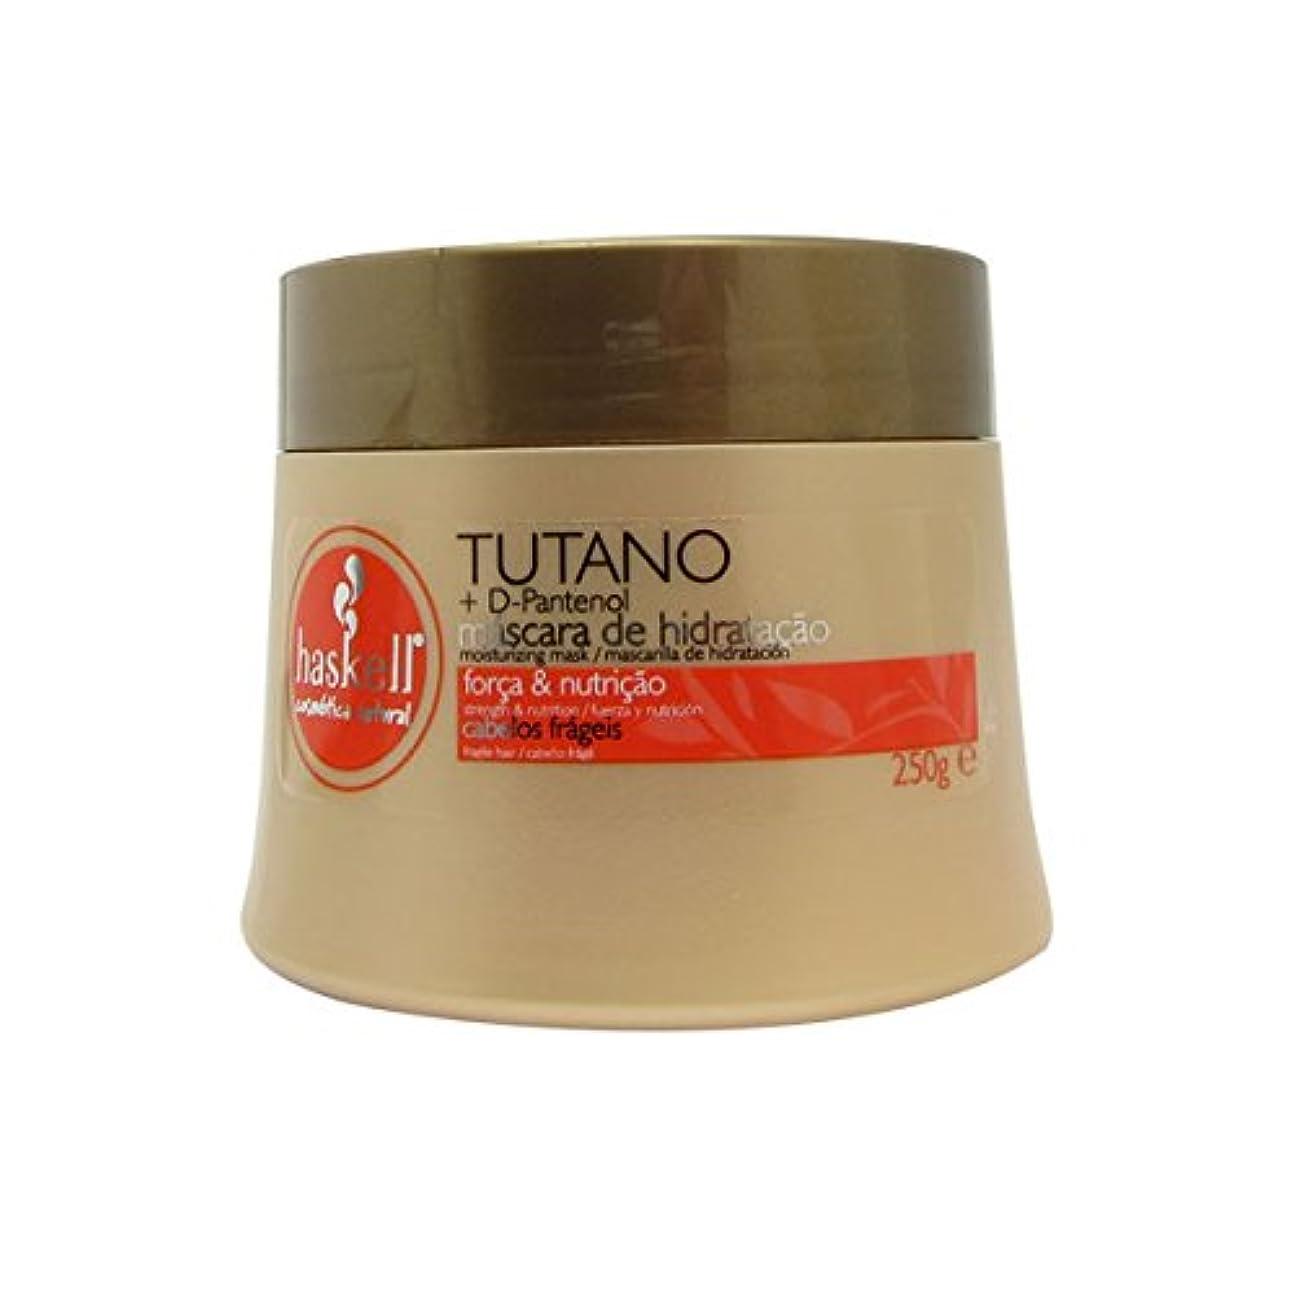 小麦粉のどトランクライブラリHaskell Tutano Hair Mask 250g [並行輸入品]